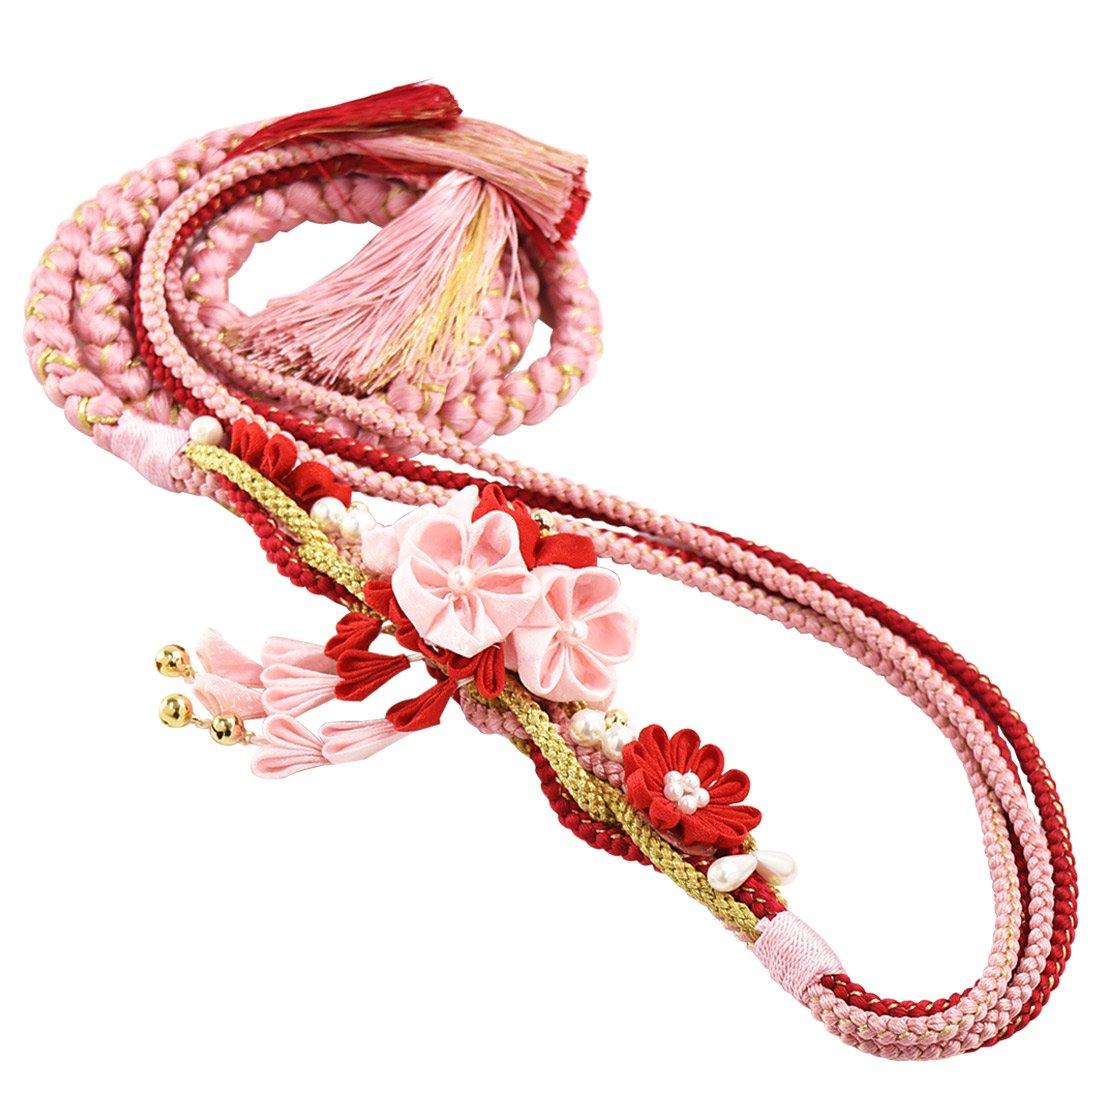 正絹帯締め 振袖用 つまみ細工 花花 女性 B013HST1EC K523 薄ピンク軸 薄ピンク赤 K523 薄ピンク軸 薄ピンク赤